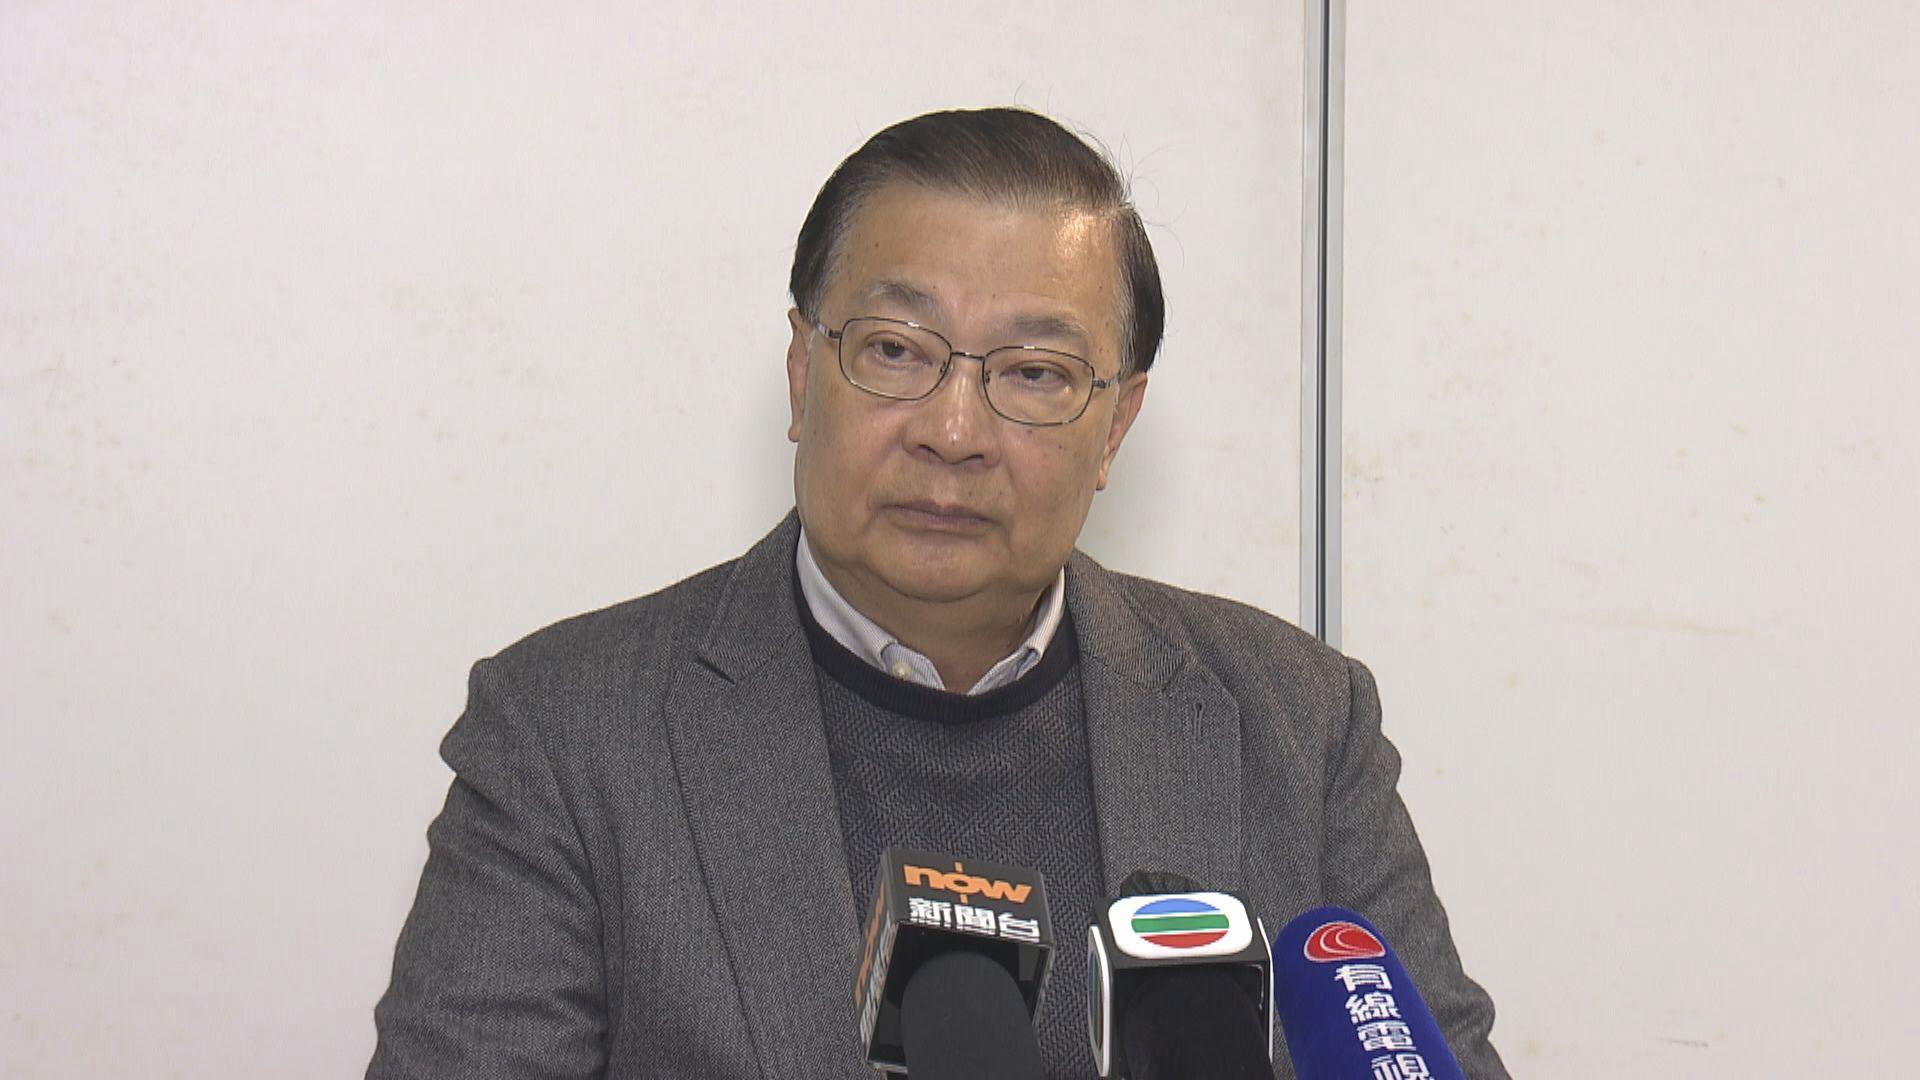 譚耀宗:如議員無盡忠職守可考慮取消其議員資格